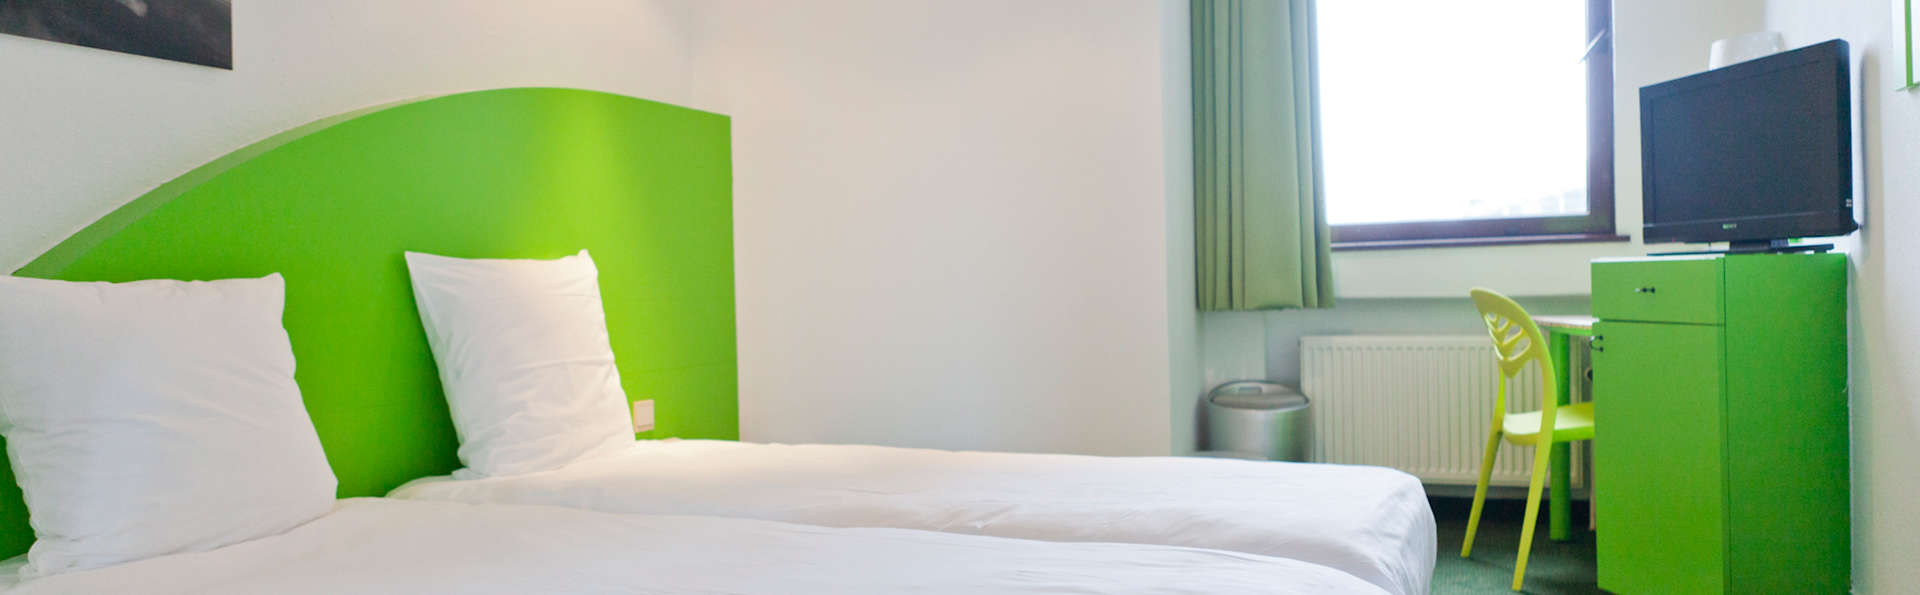 Hotel Siru - EDIT_room6.jpg